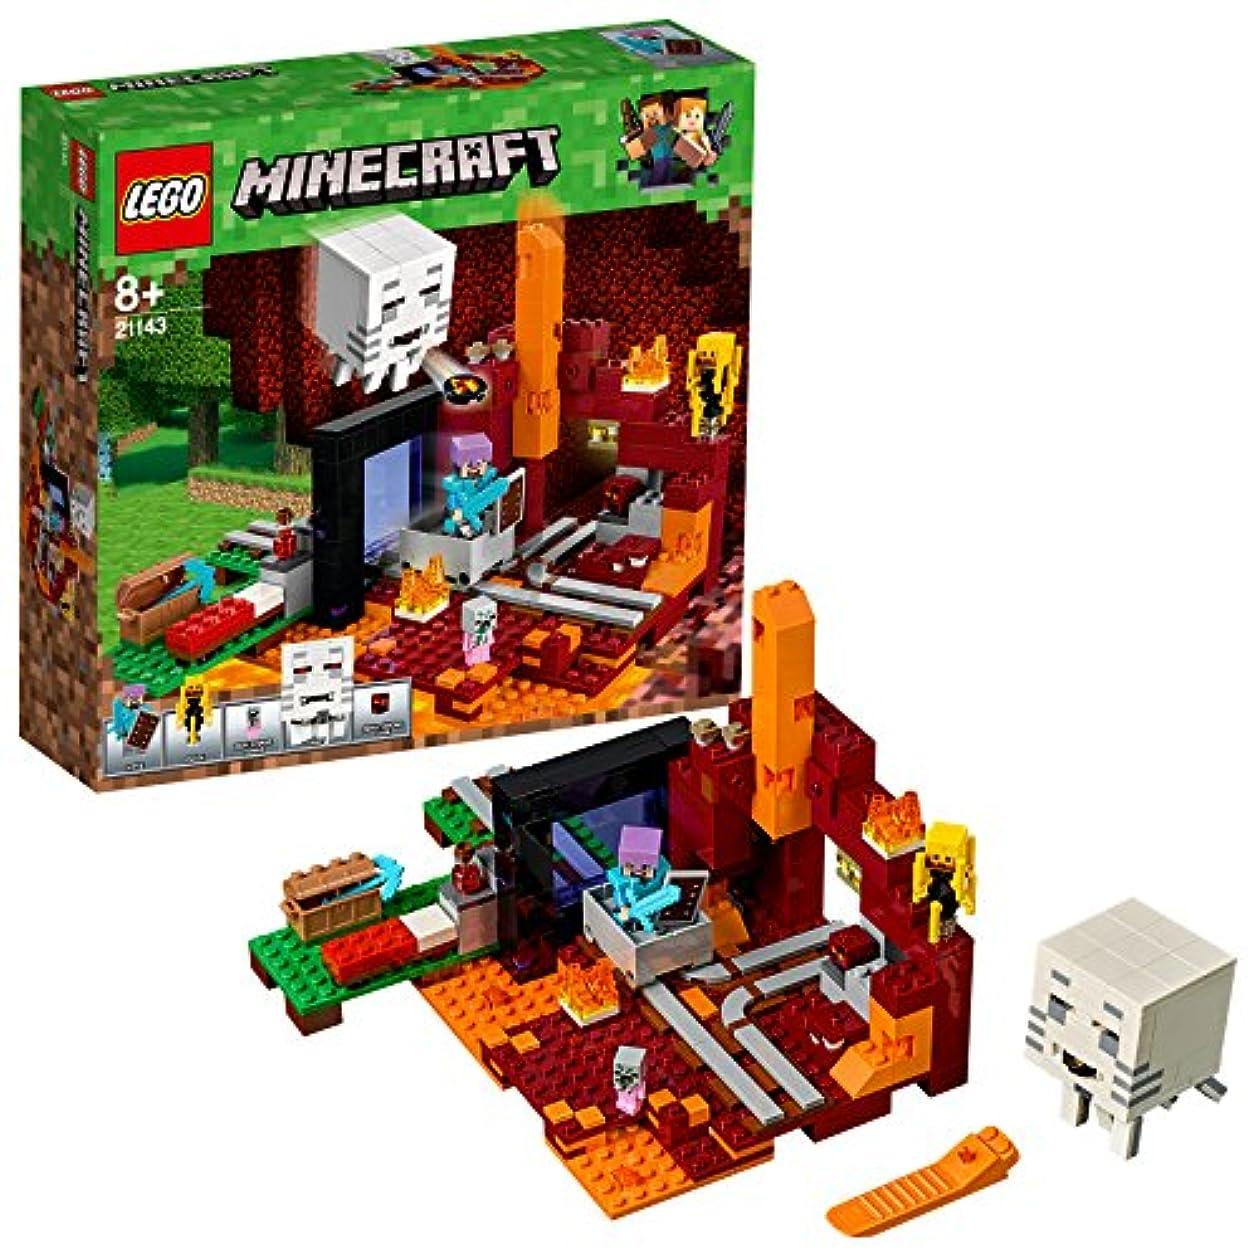 プラス通行人傾向があるレゴ(LEGO) マインクラフト 闇のポータル 21143